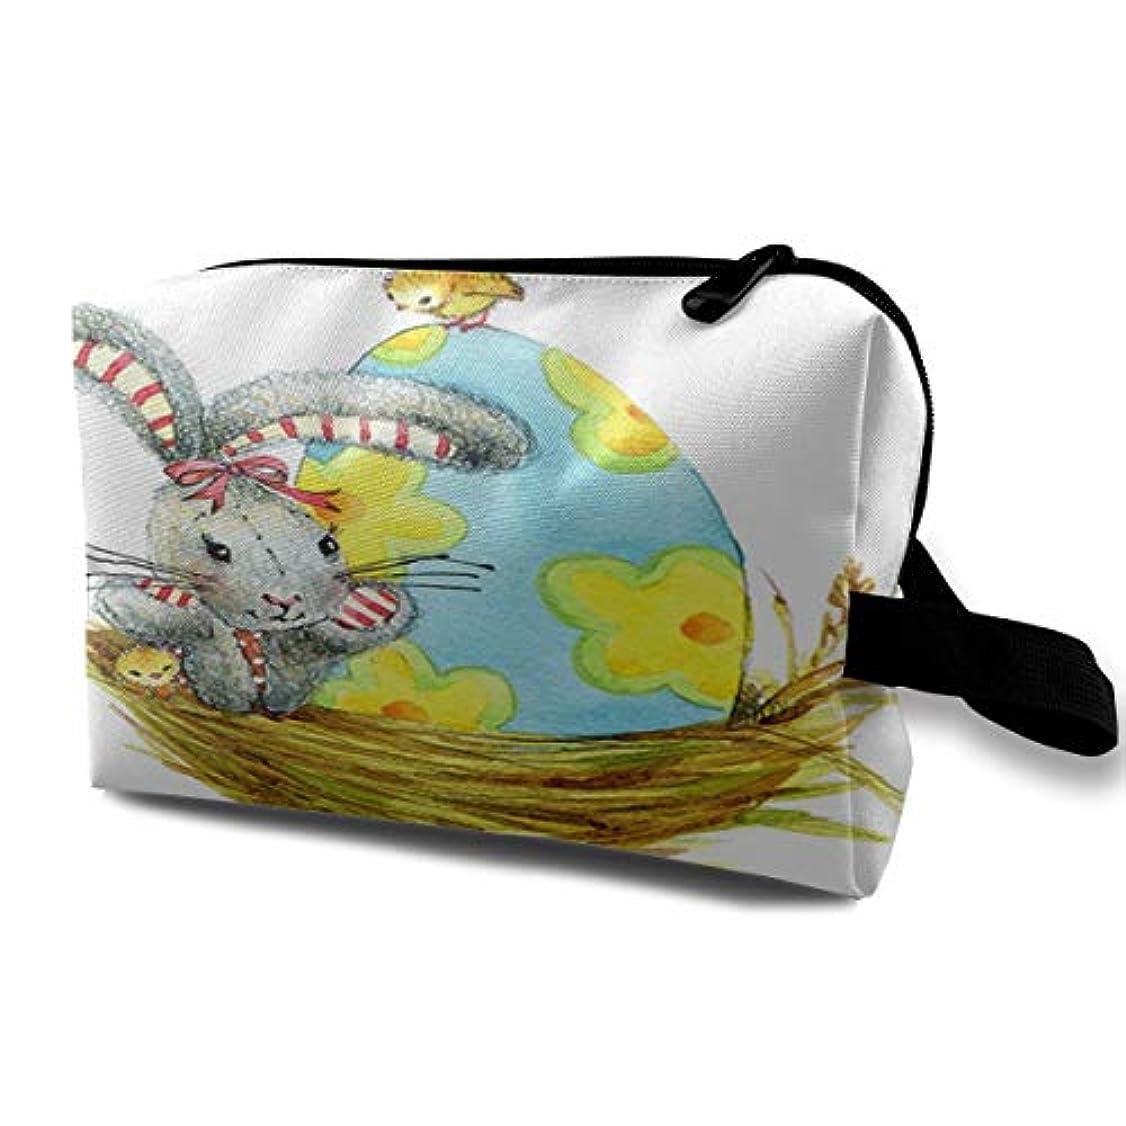 鋸歯状記事取り消すEaster Oil Painting Smile Bunny Color Egg And Butterflies 収納ポーチ 化粧ポーチ 大容量 軽量 耐久性 ハンドル付持ち運び便利。入れ 自宅?出張?旅行?アウトドア...